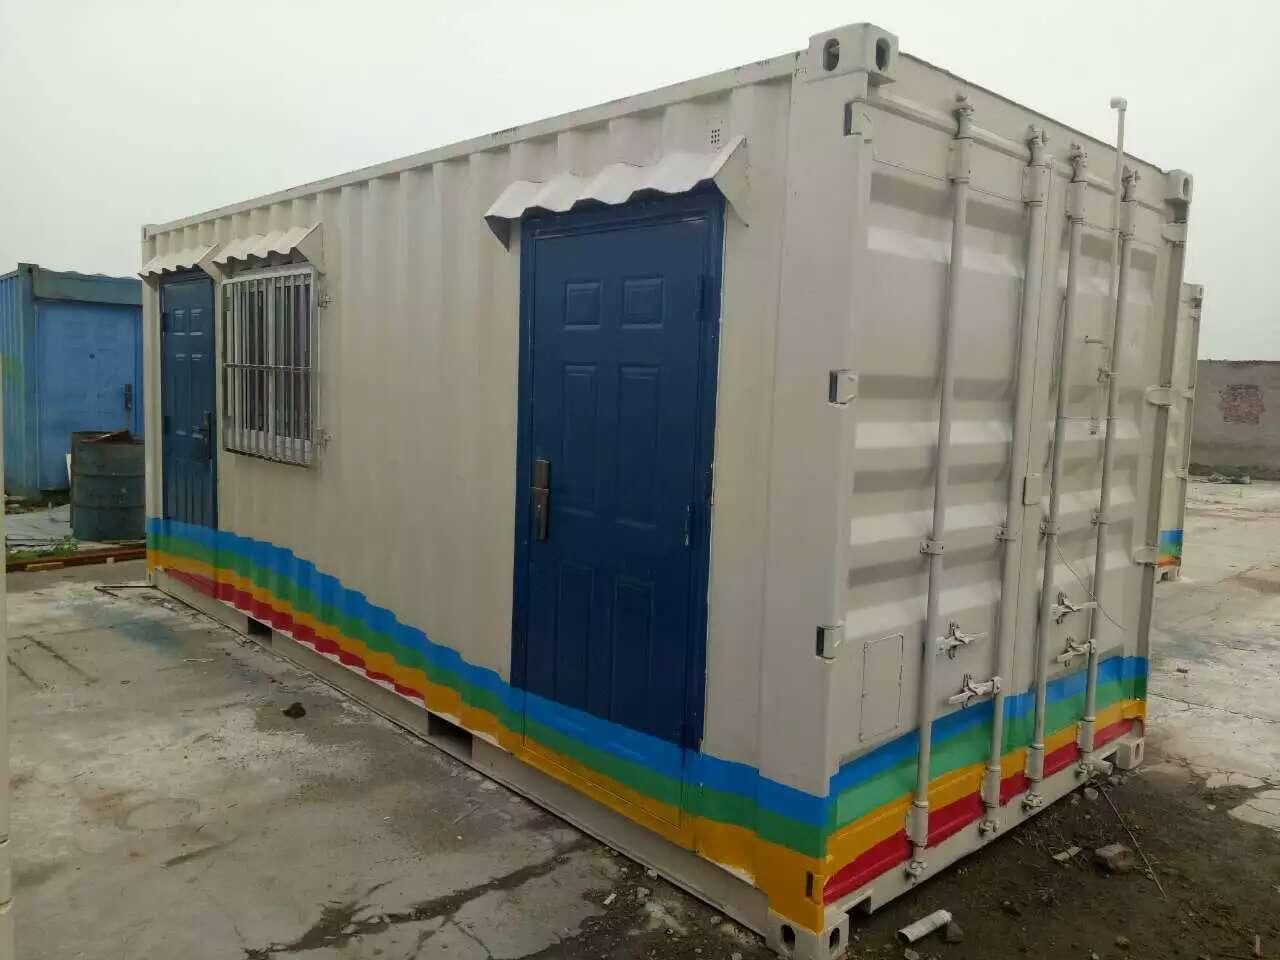 【图文】石家庄集装箱活动房防风更负责_跟随人们移动而移动